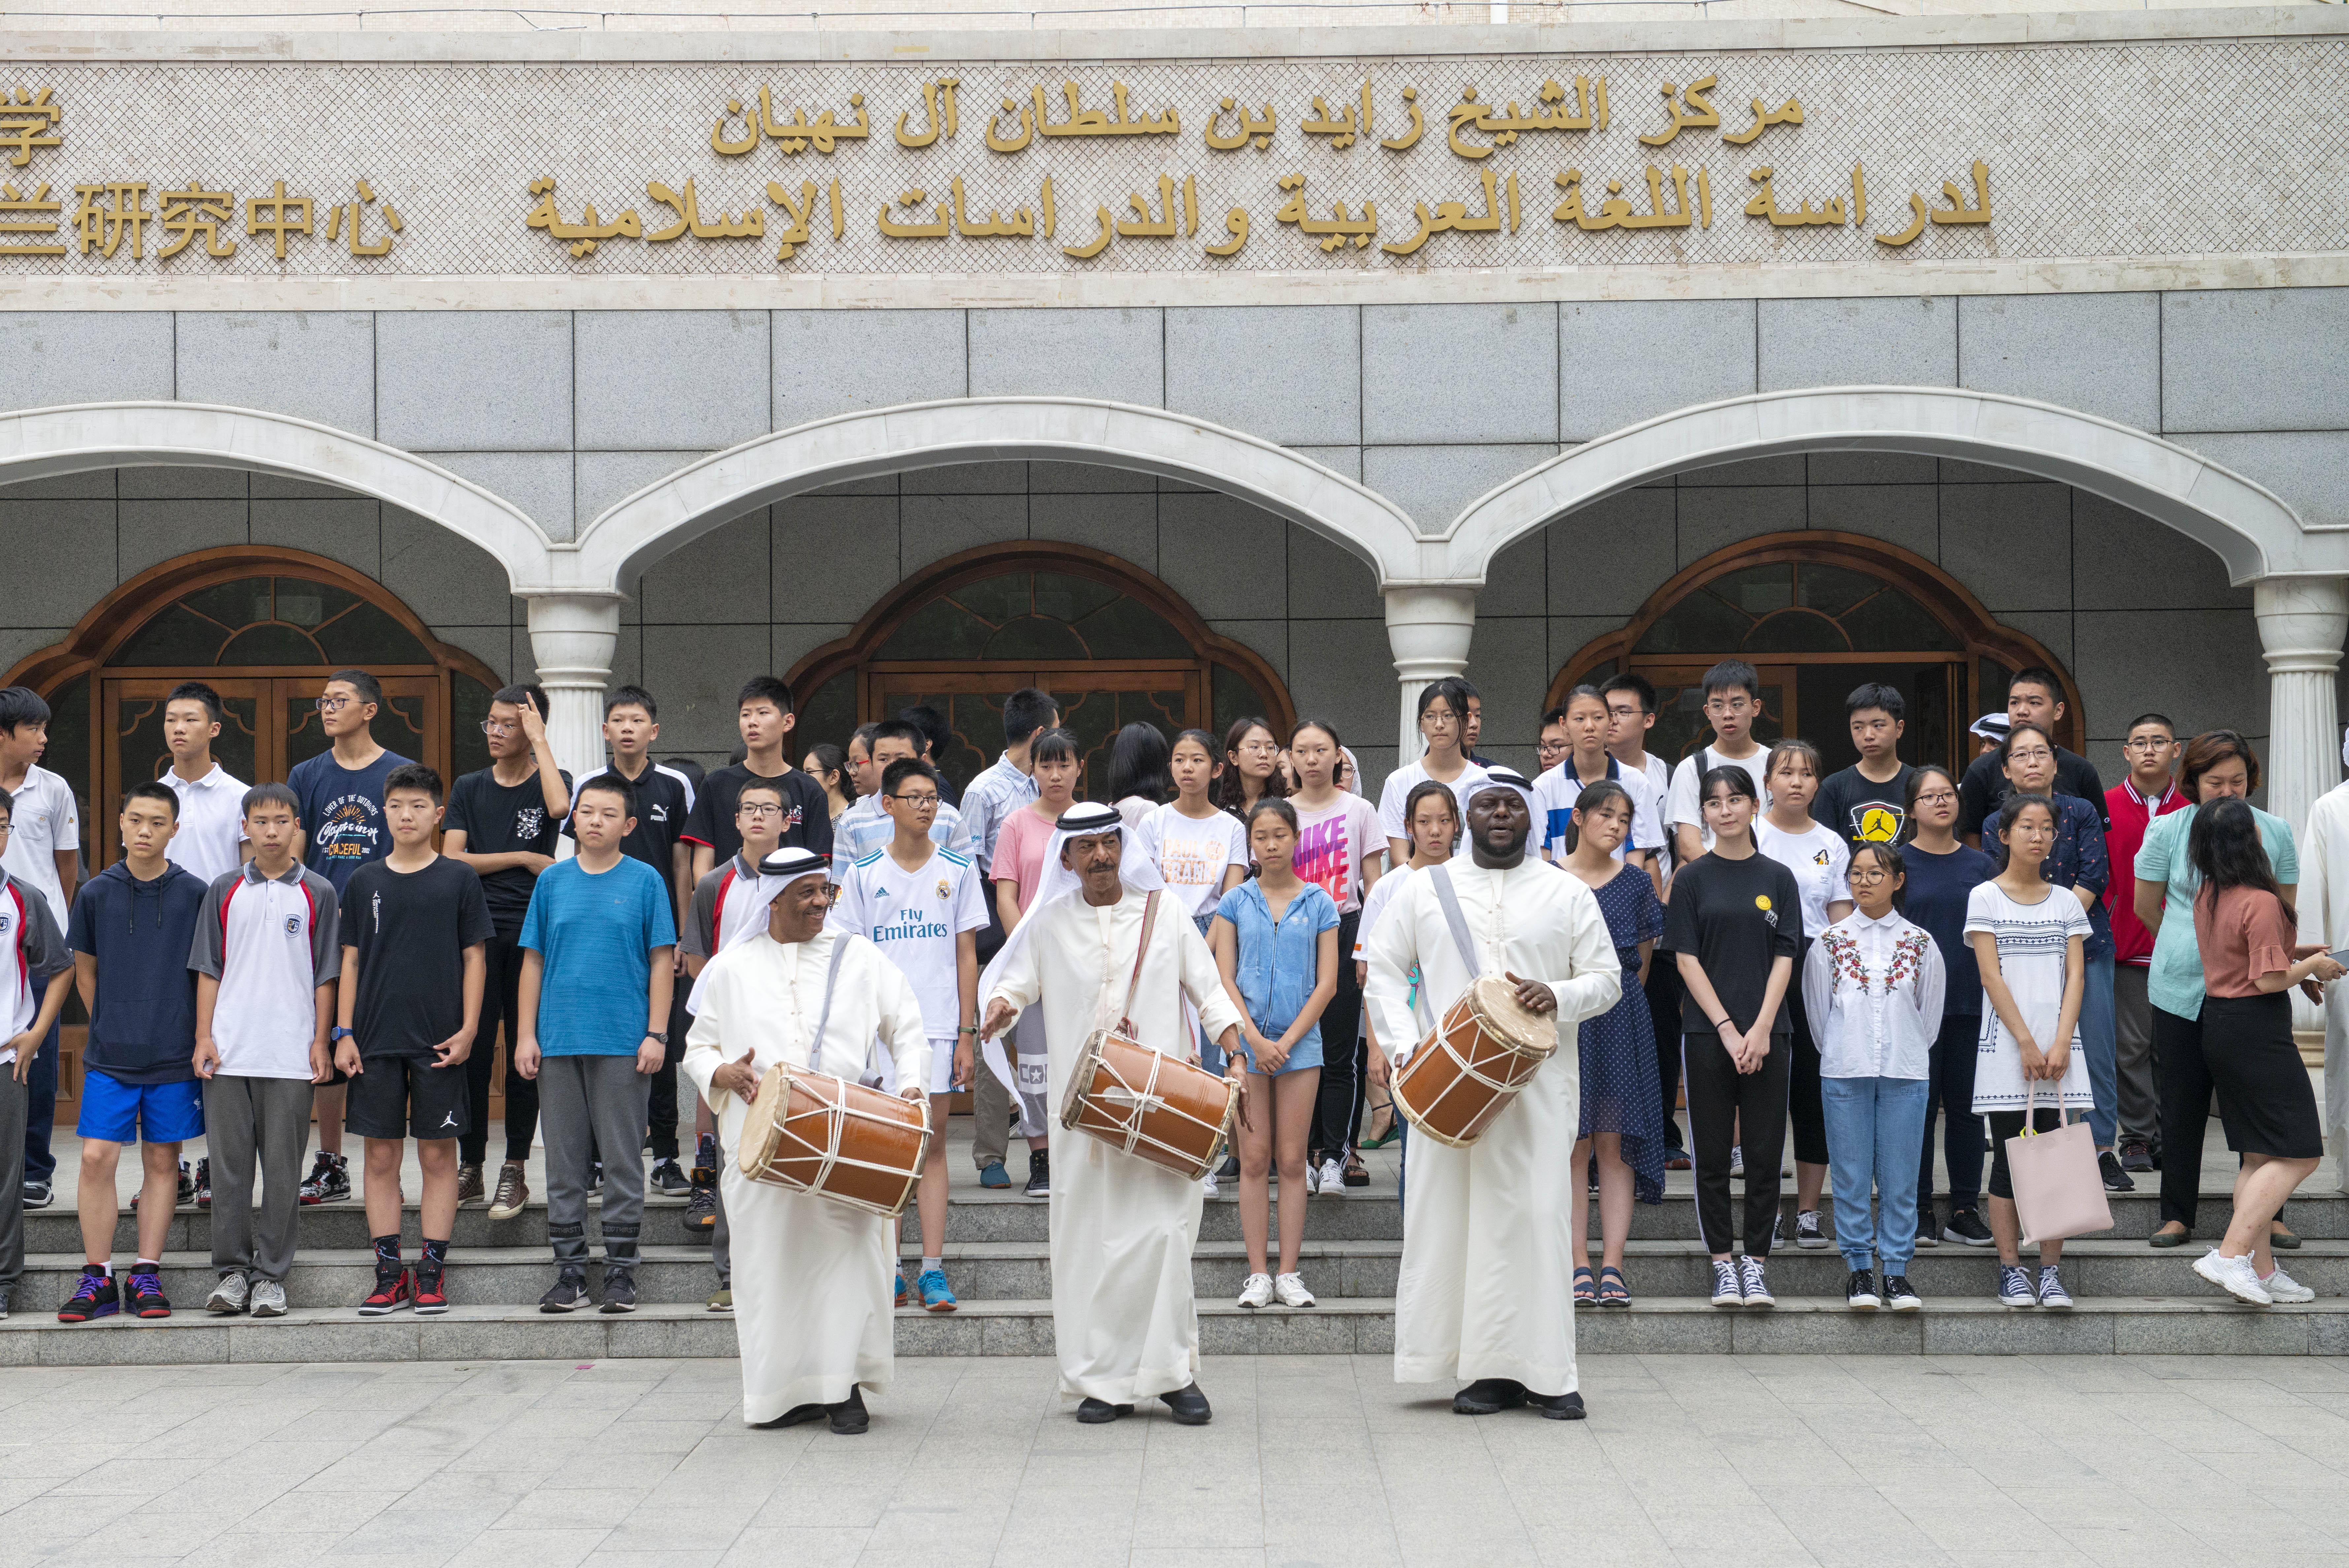 مركز الشيخ زايد للغة العربية .. منارة علم عربية على أرض صينية